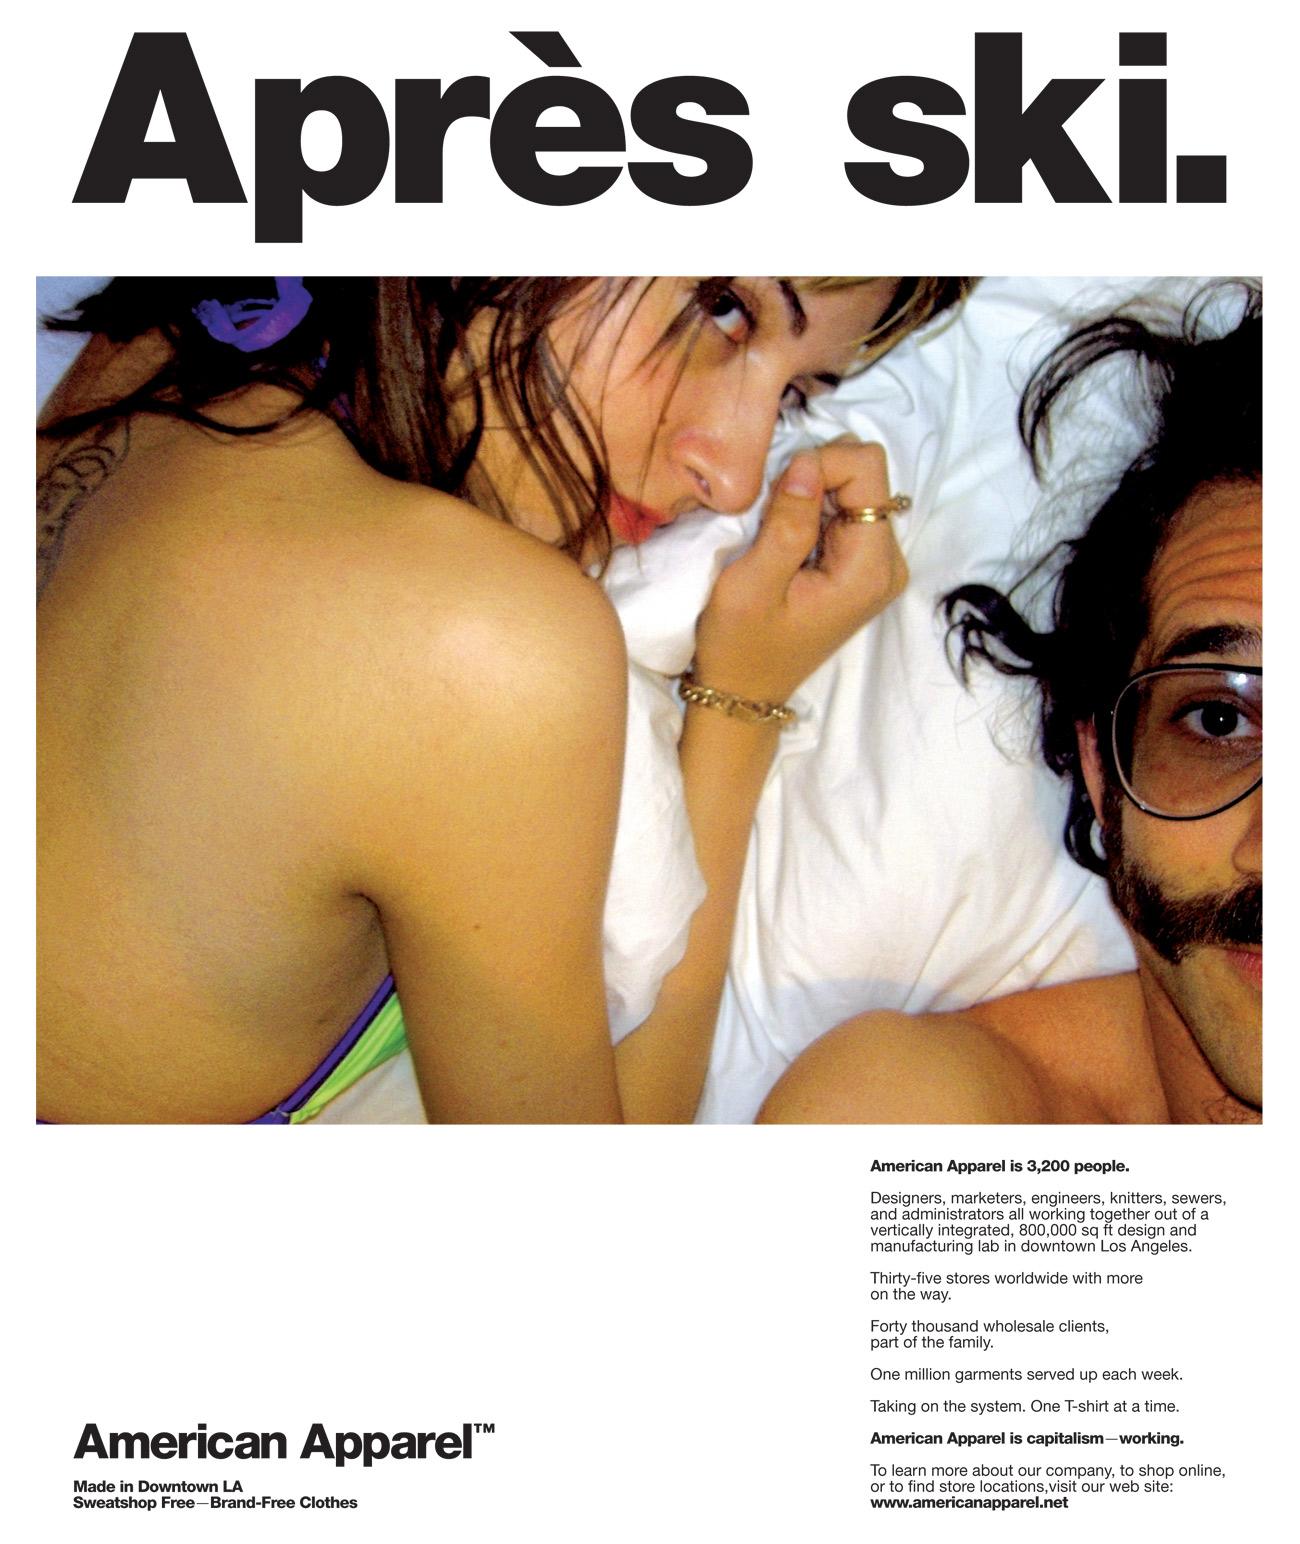 Дов Чарни иногда и сам участвовал в провокационной рекламе American Apparel